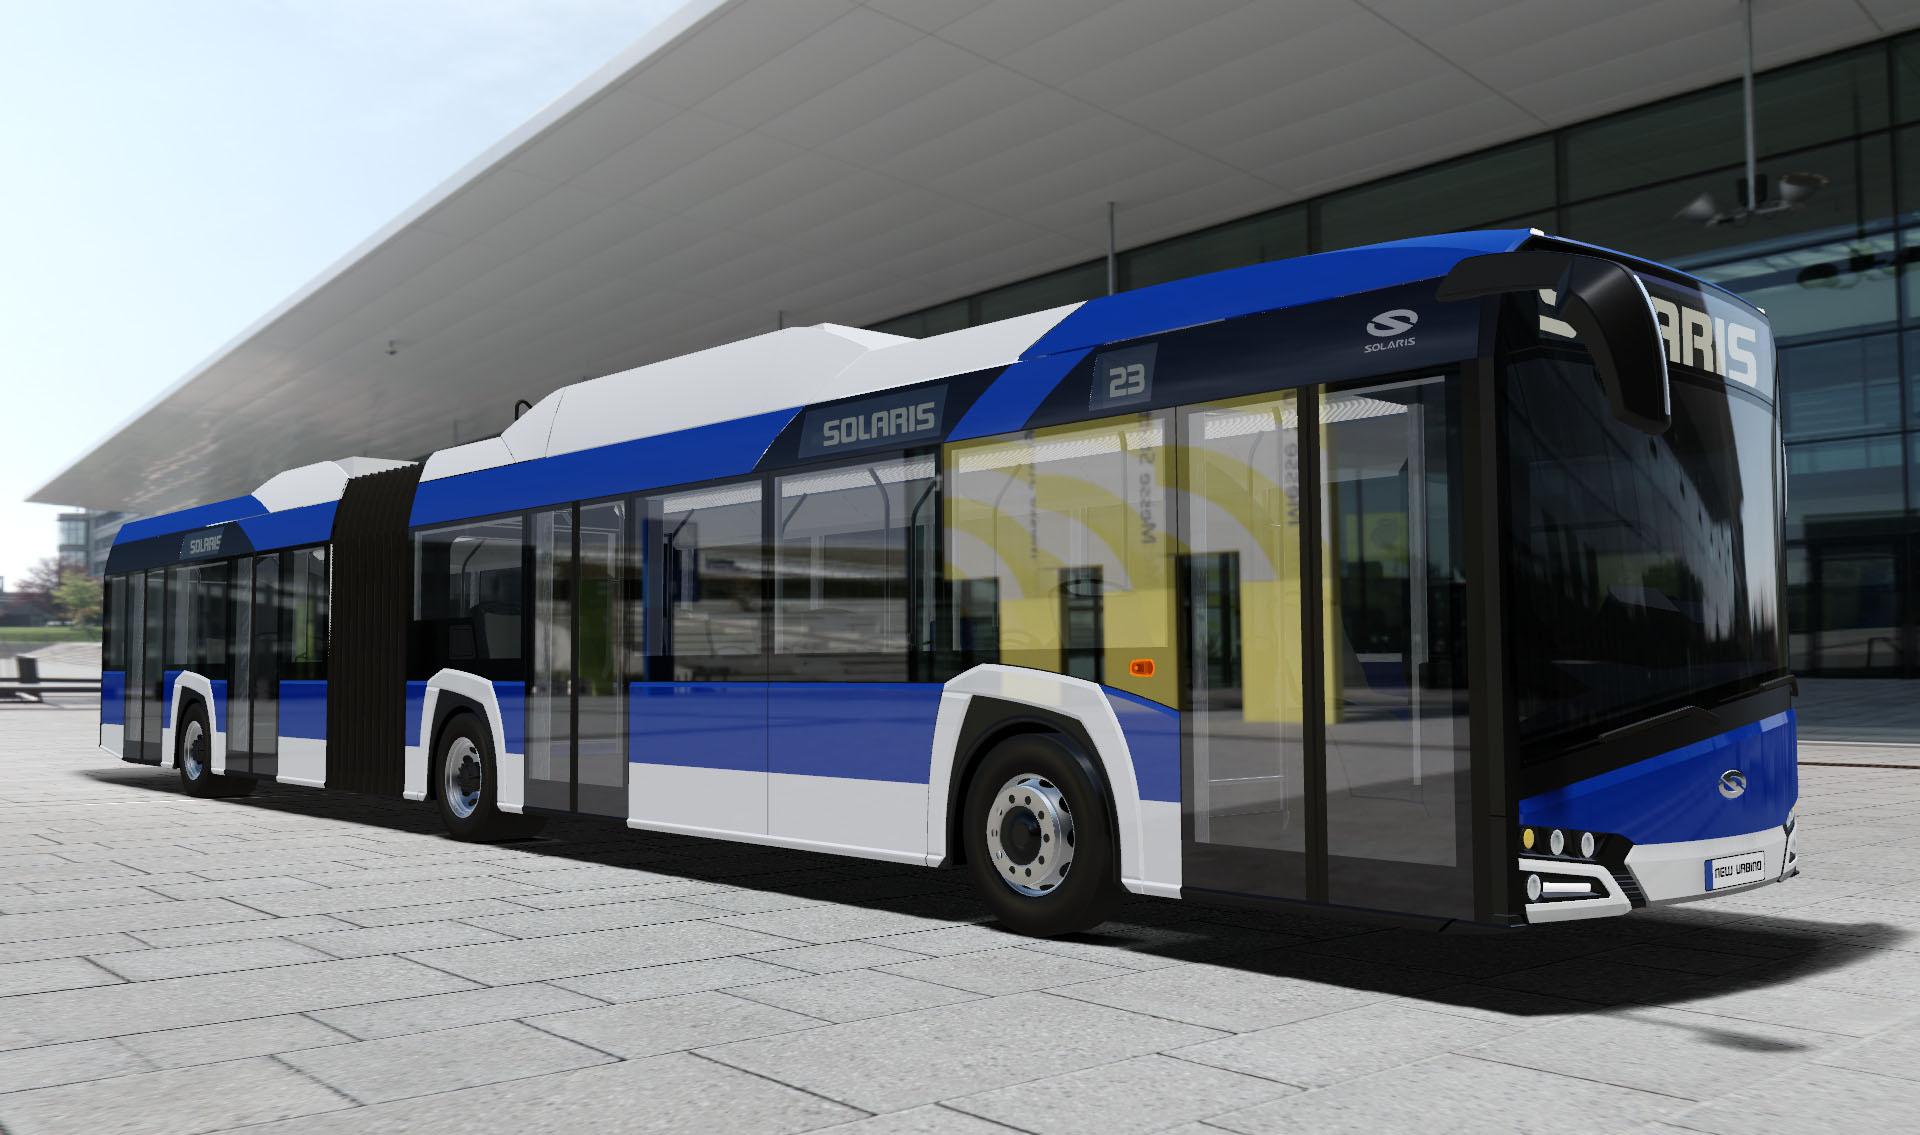 Vizualizace nového elektrobusu pro Kraków. (zdroj: Solaris Bus & Coach)